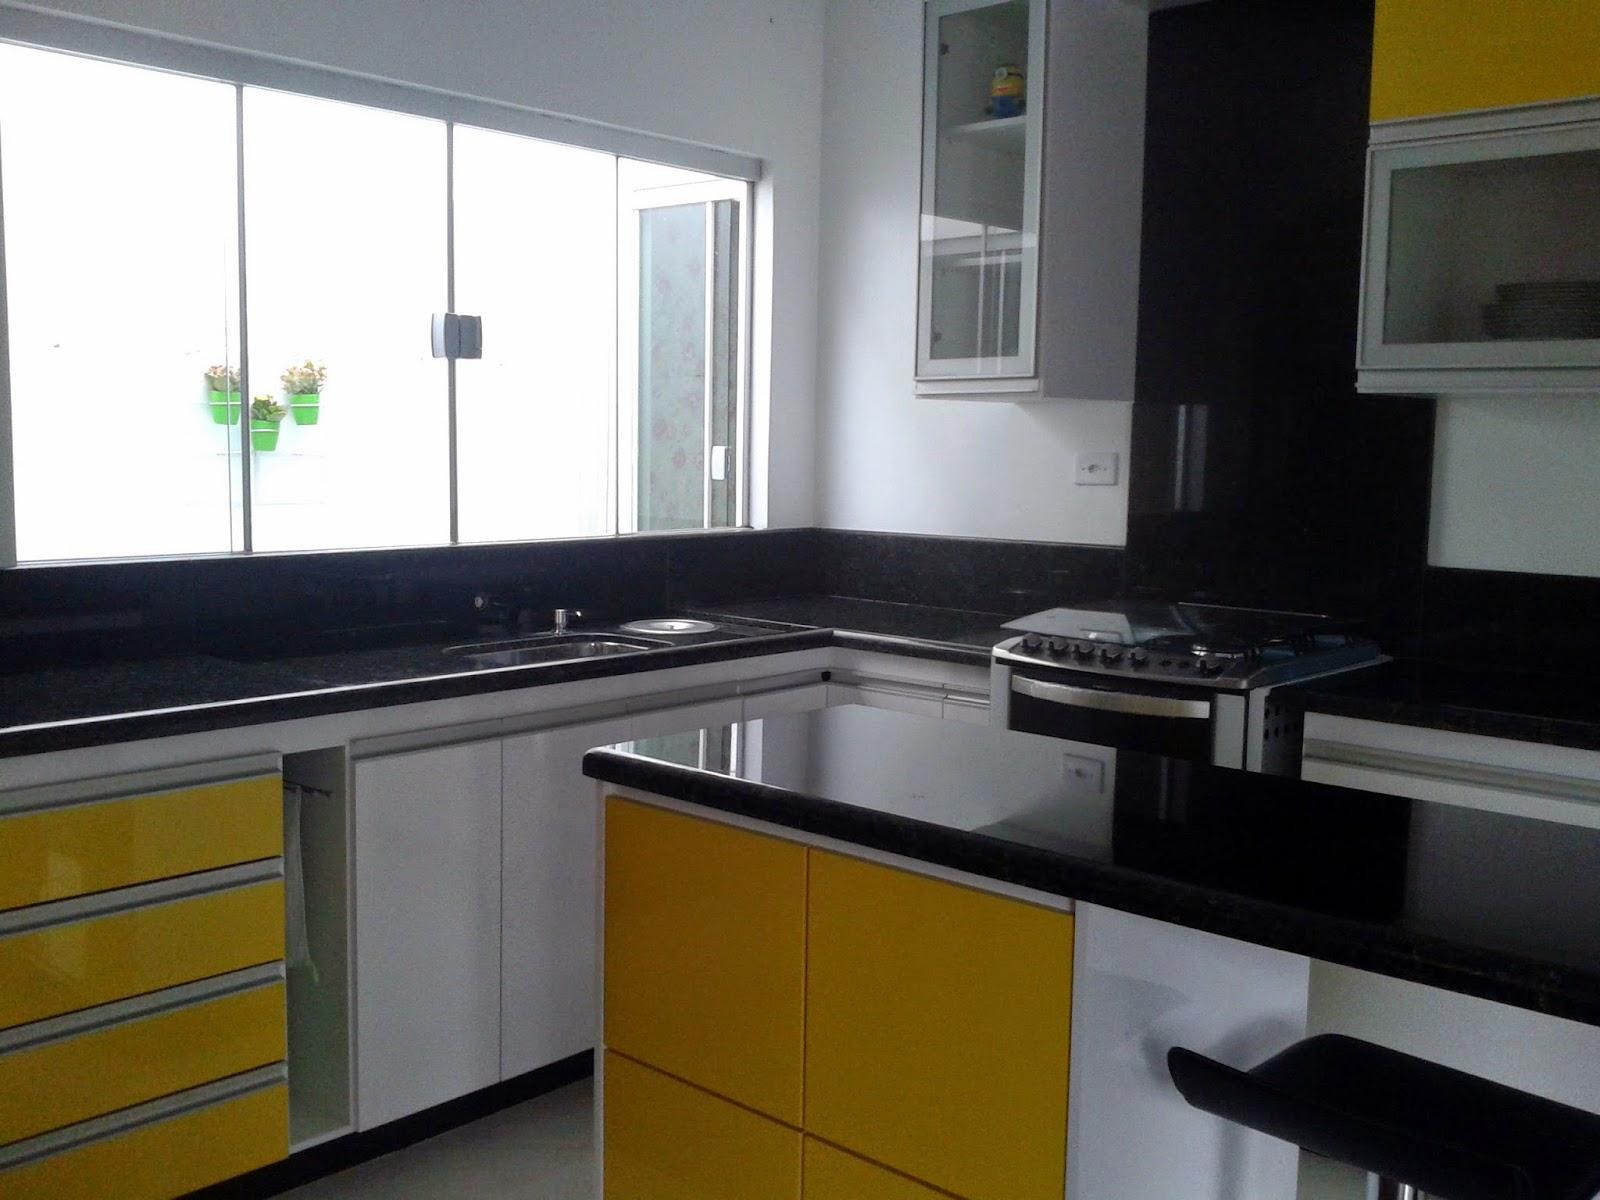 Cozinha Planejada Amarelo Branco e Preto